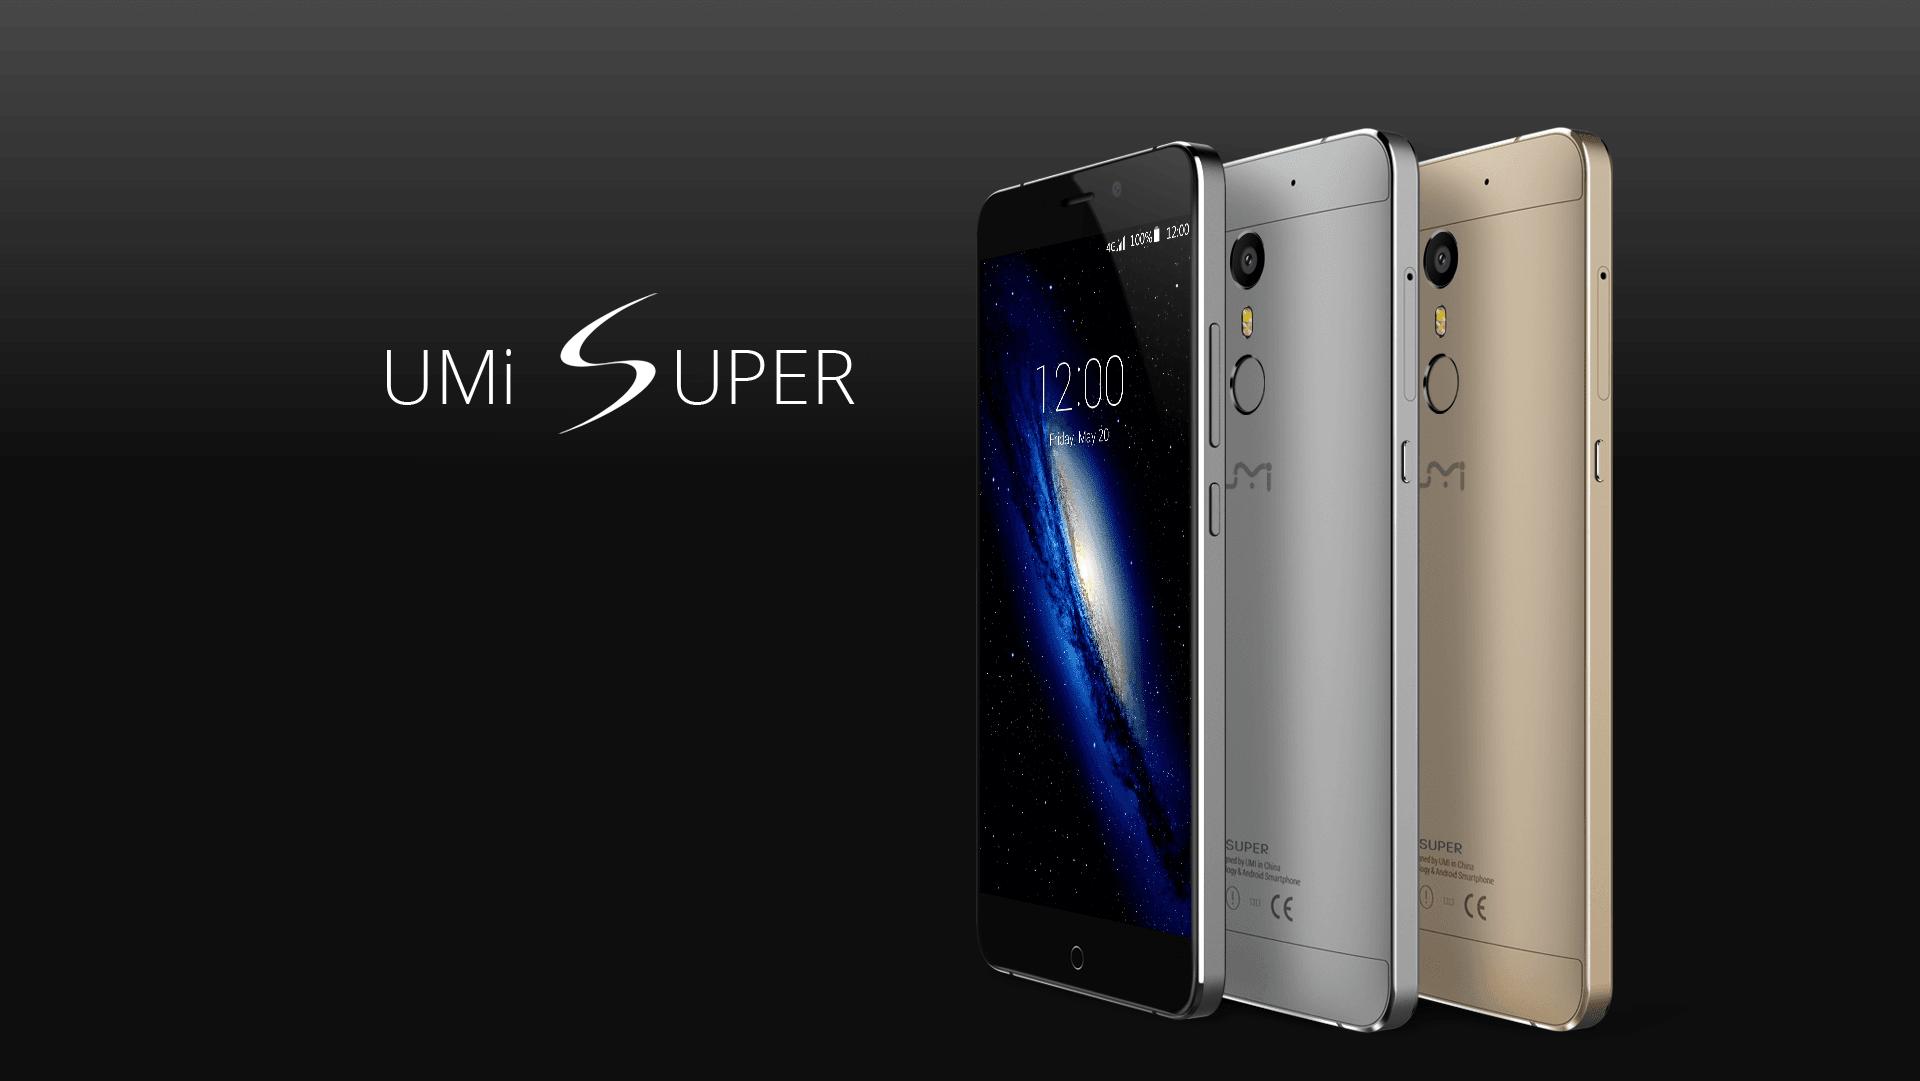 Tabletowo.pl Kolejne smartfony z Chin debiutują w Polsce - tym razem UMi Super i UMi Touch X Android Chińskie Smartfony